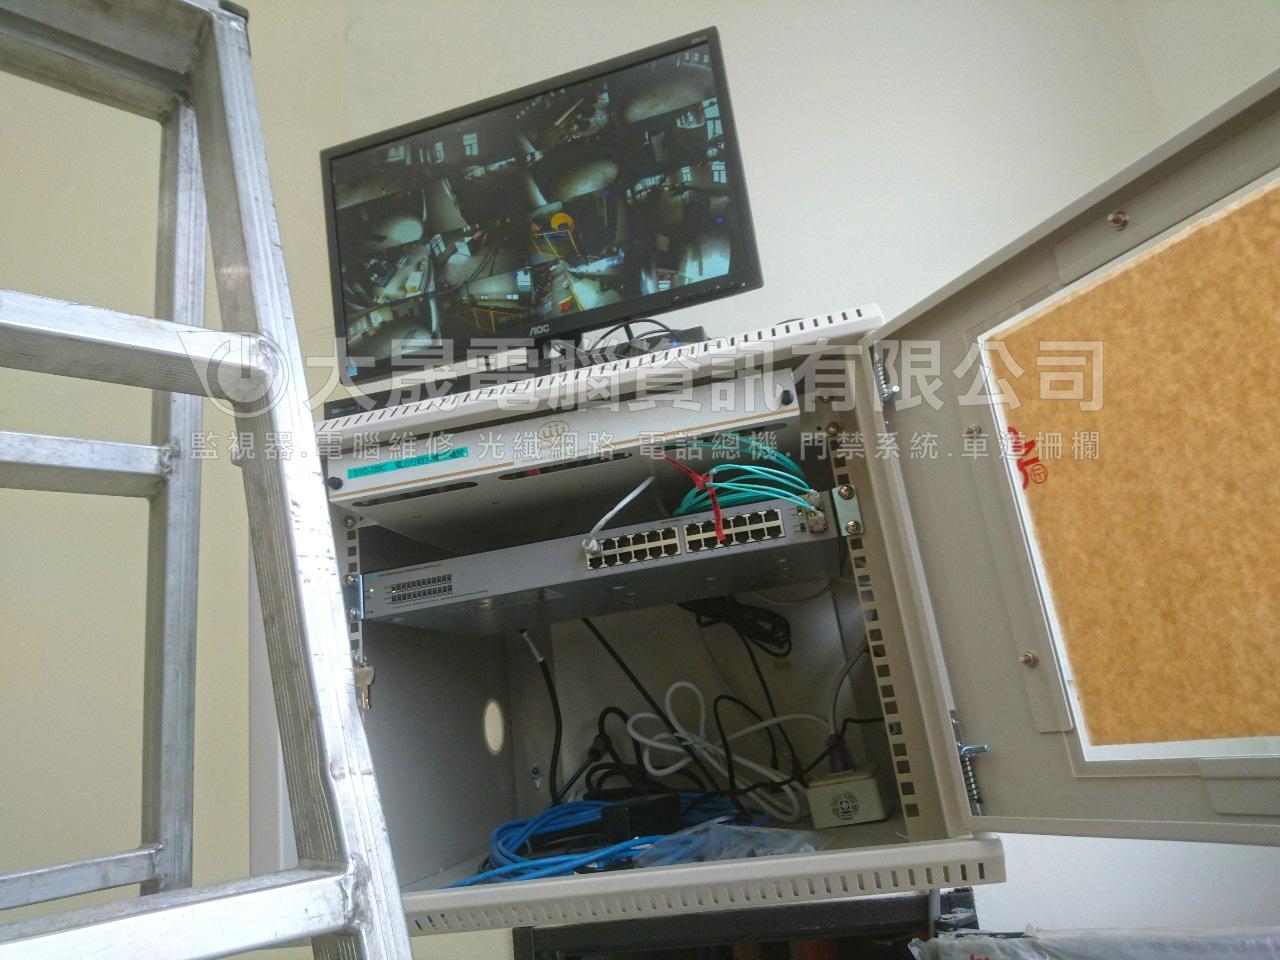 觀音監視器,新增監視器,大晟電腦為工廠監視器安裝首選,宏泰電工監視器安裝